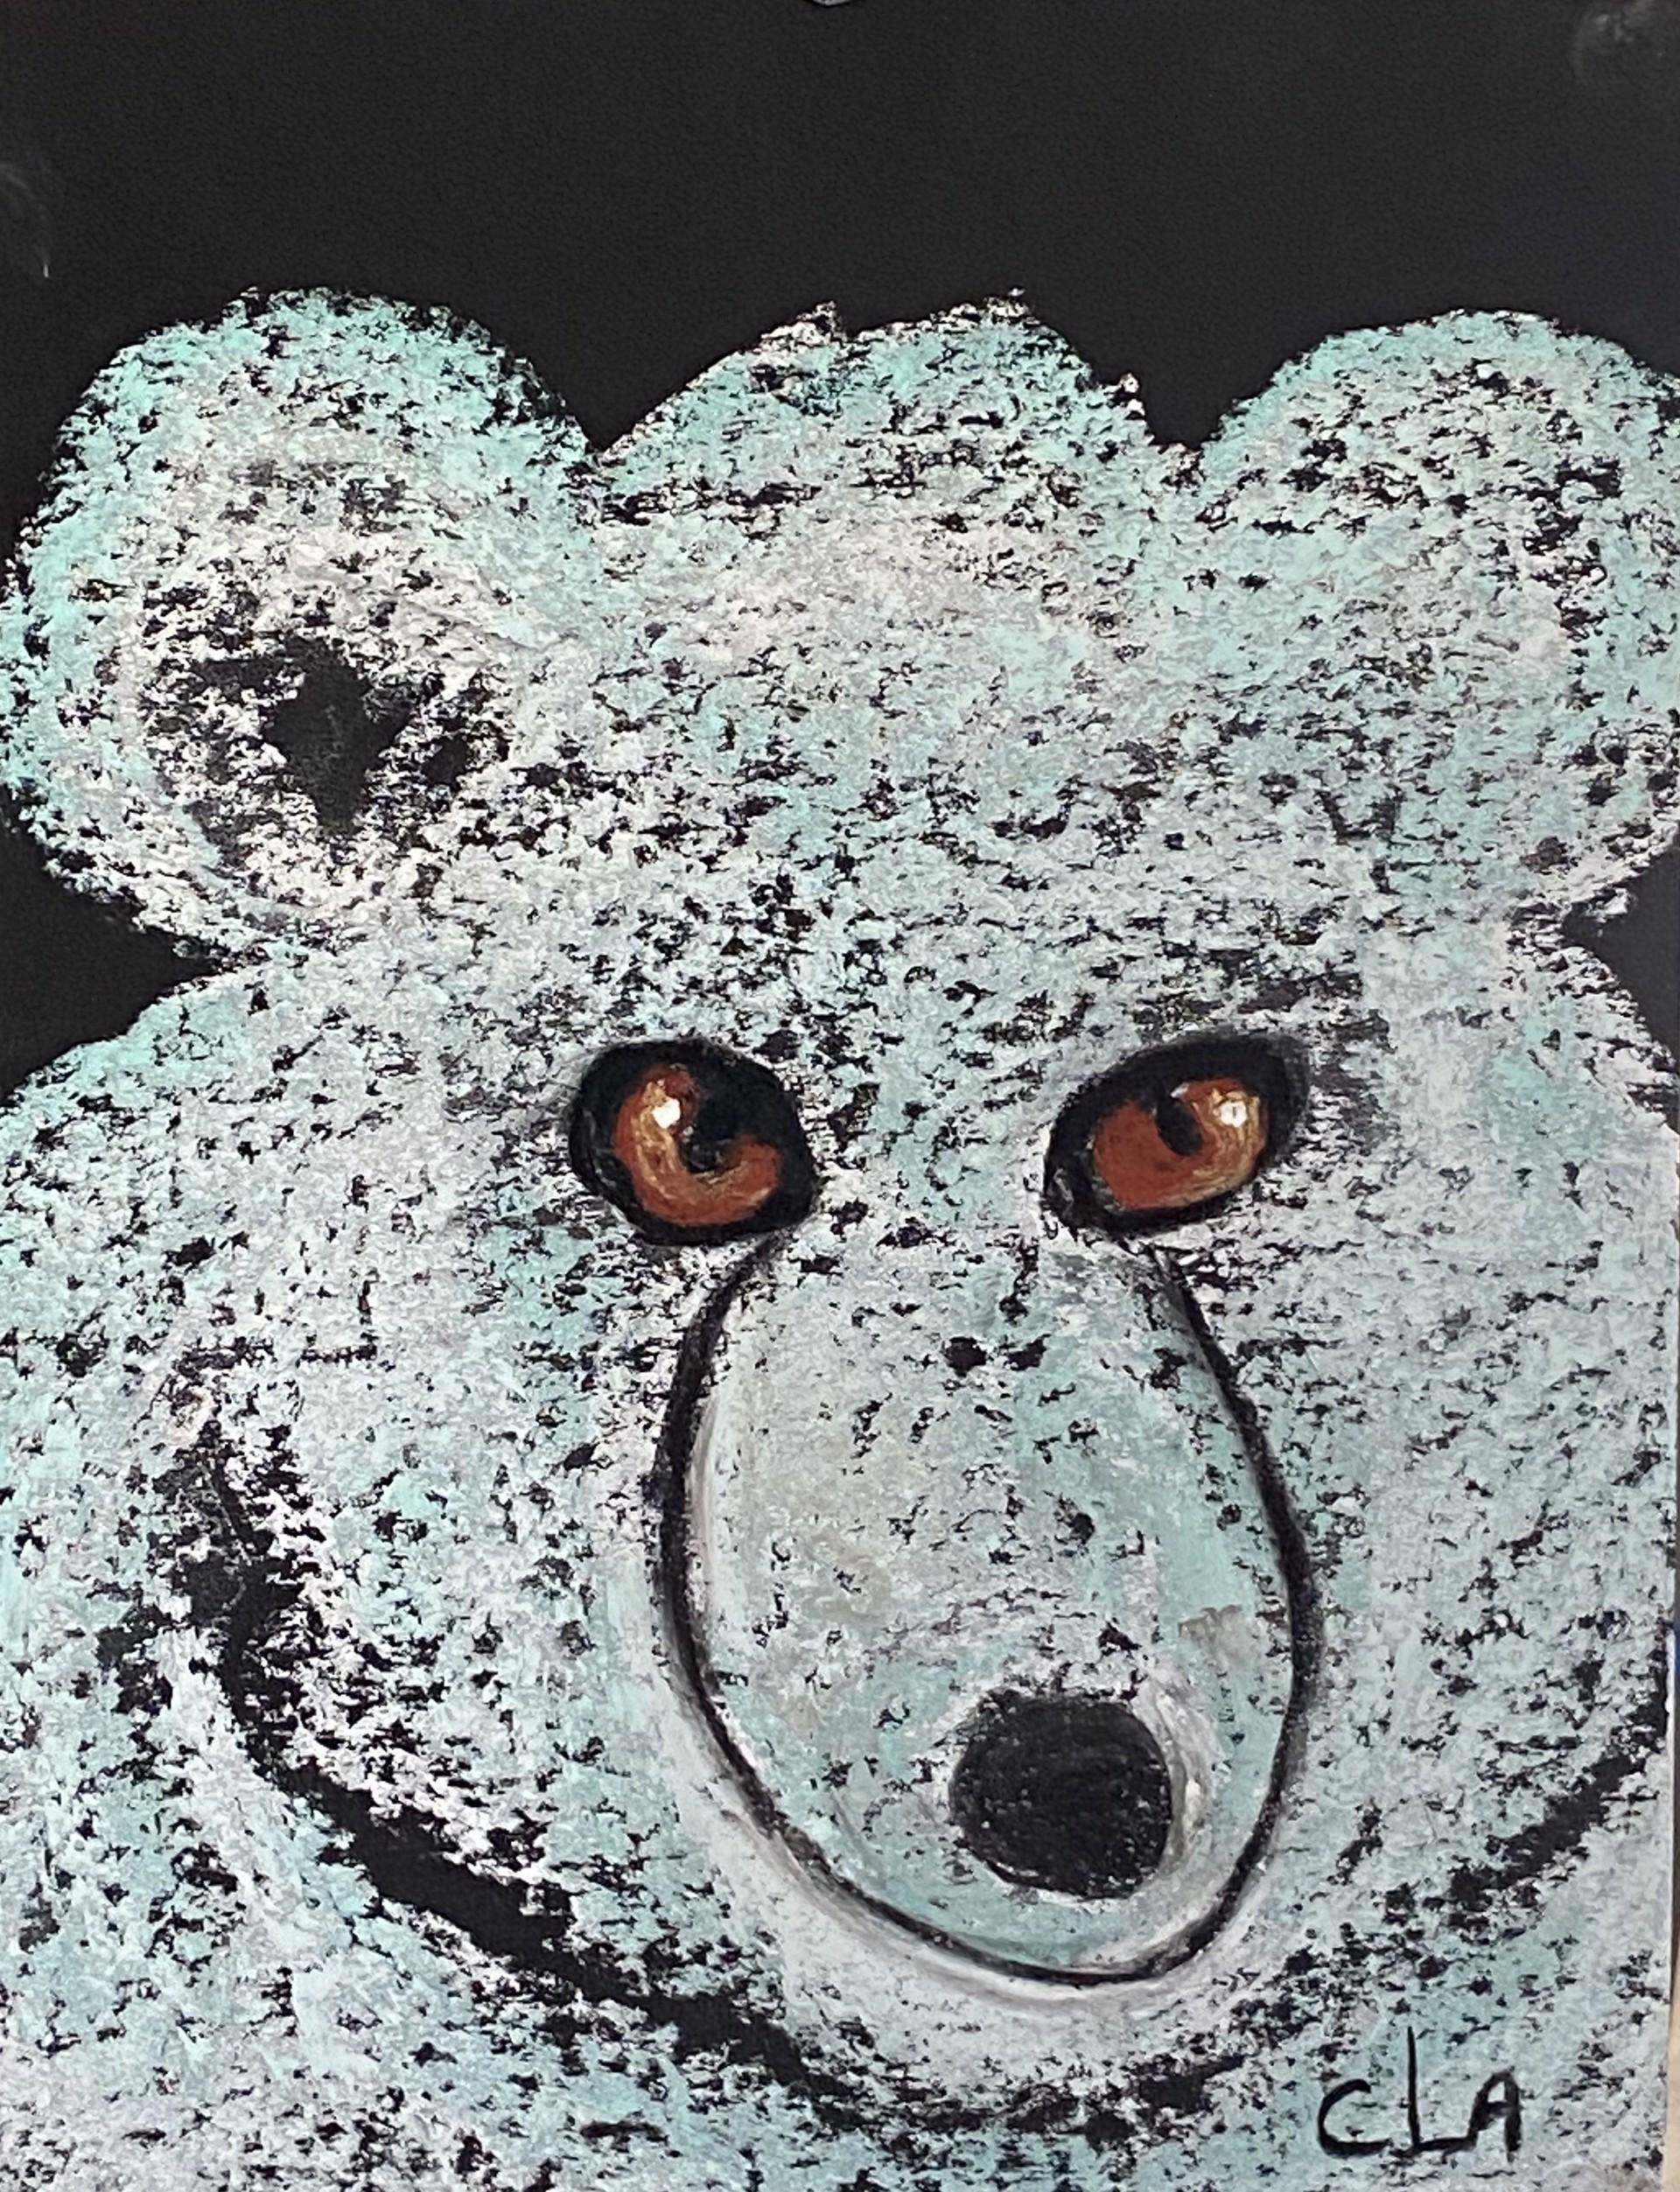 'Fuzzy' Bear by Carole LaRoche